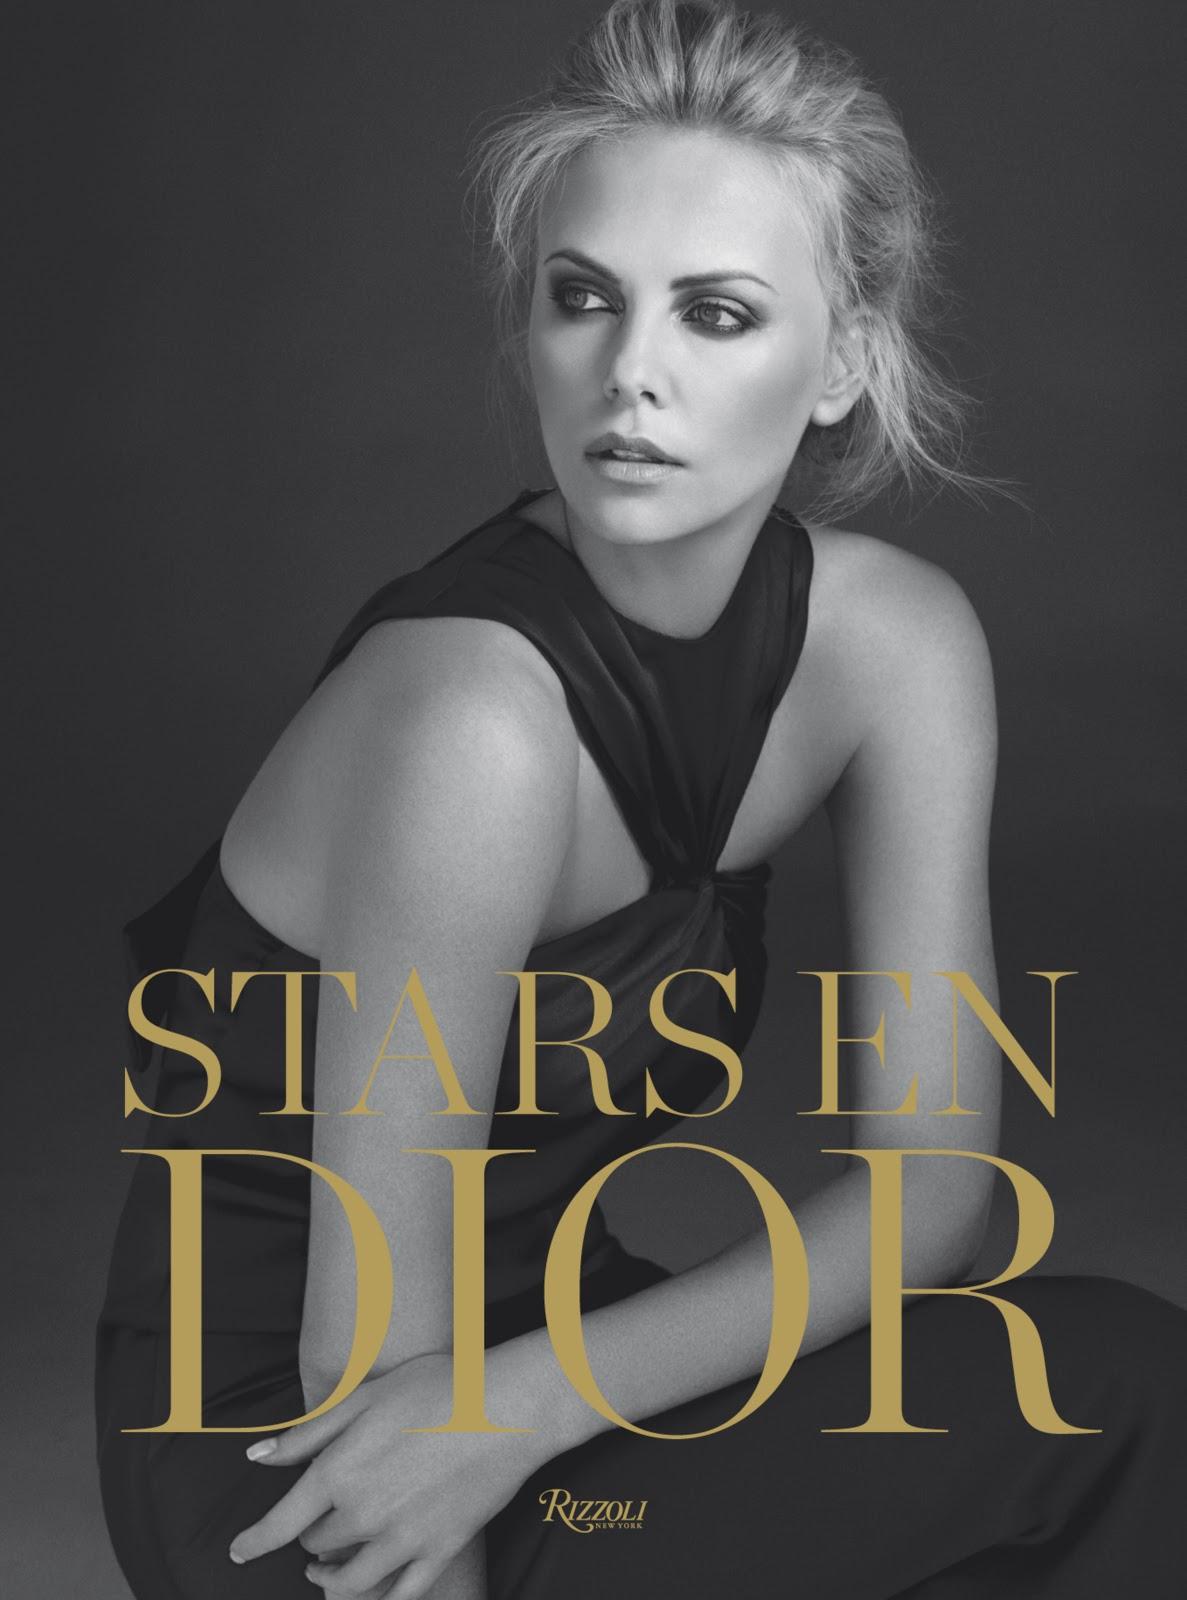 http://2.bp.blogspot.com/-pk1PW572OME/T5AxPJ69MrI/AAAAAAAAjIk/ksK3NiNRN7I/s1600/Stars+en+Dior.TIF